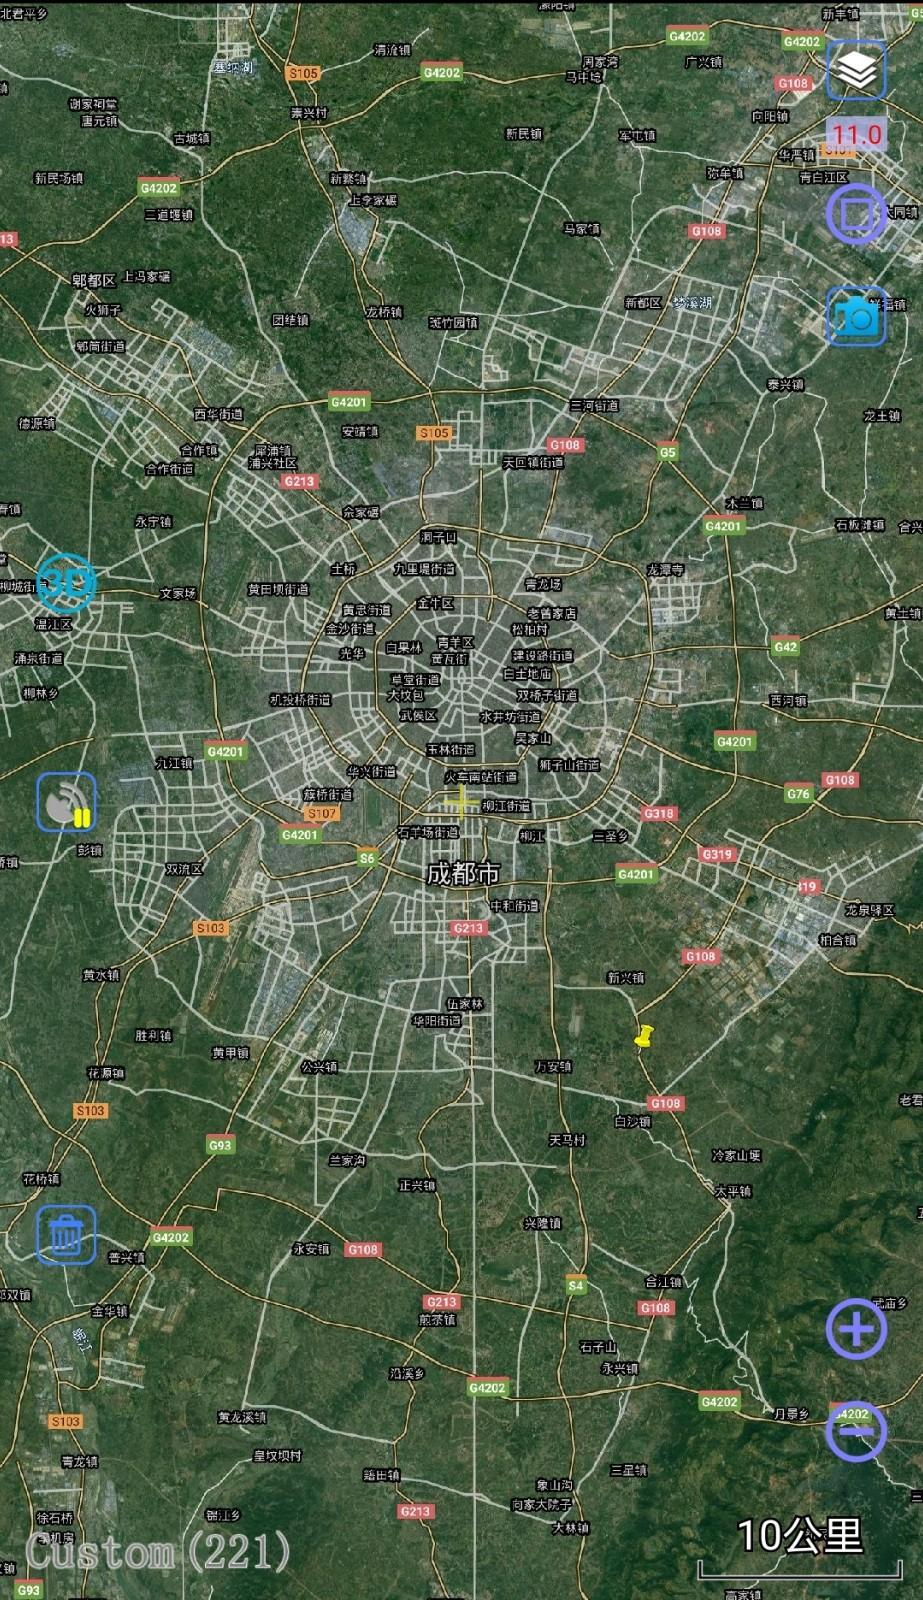 从四川省部分城市最新卫星图看数据可信度